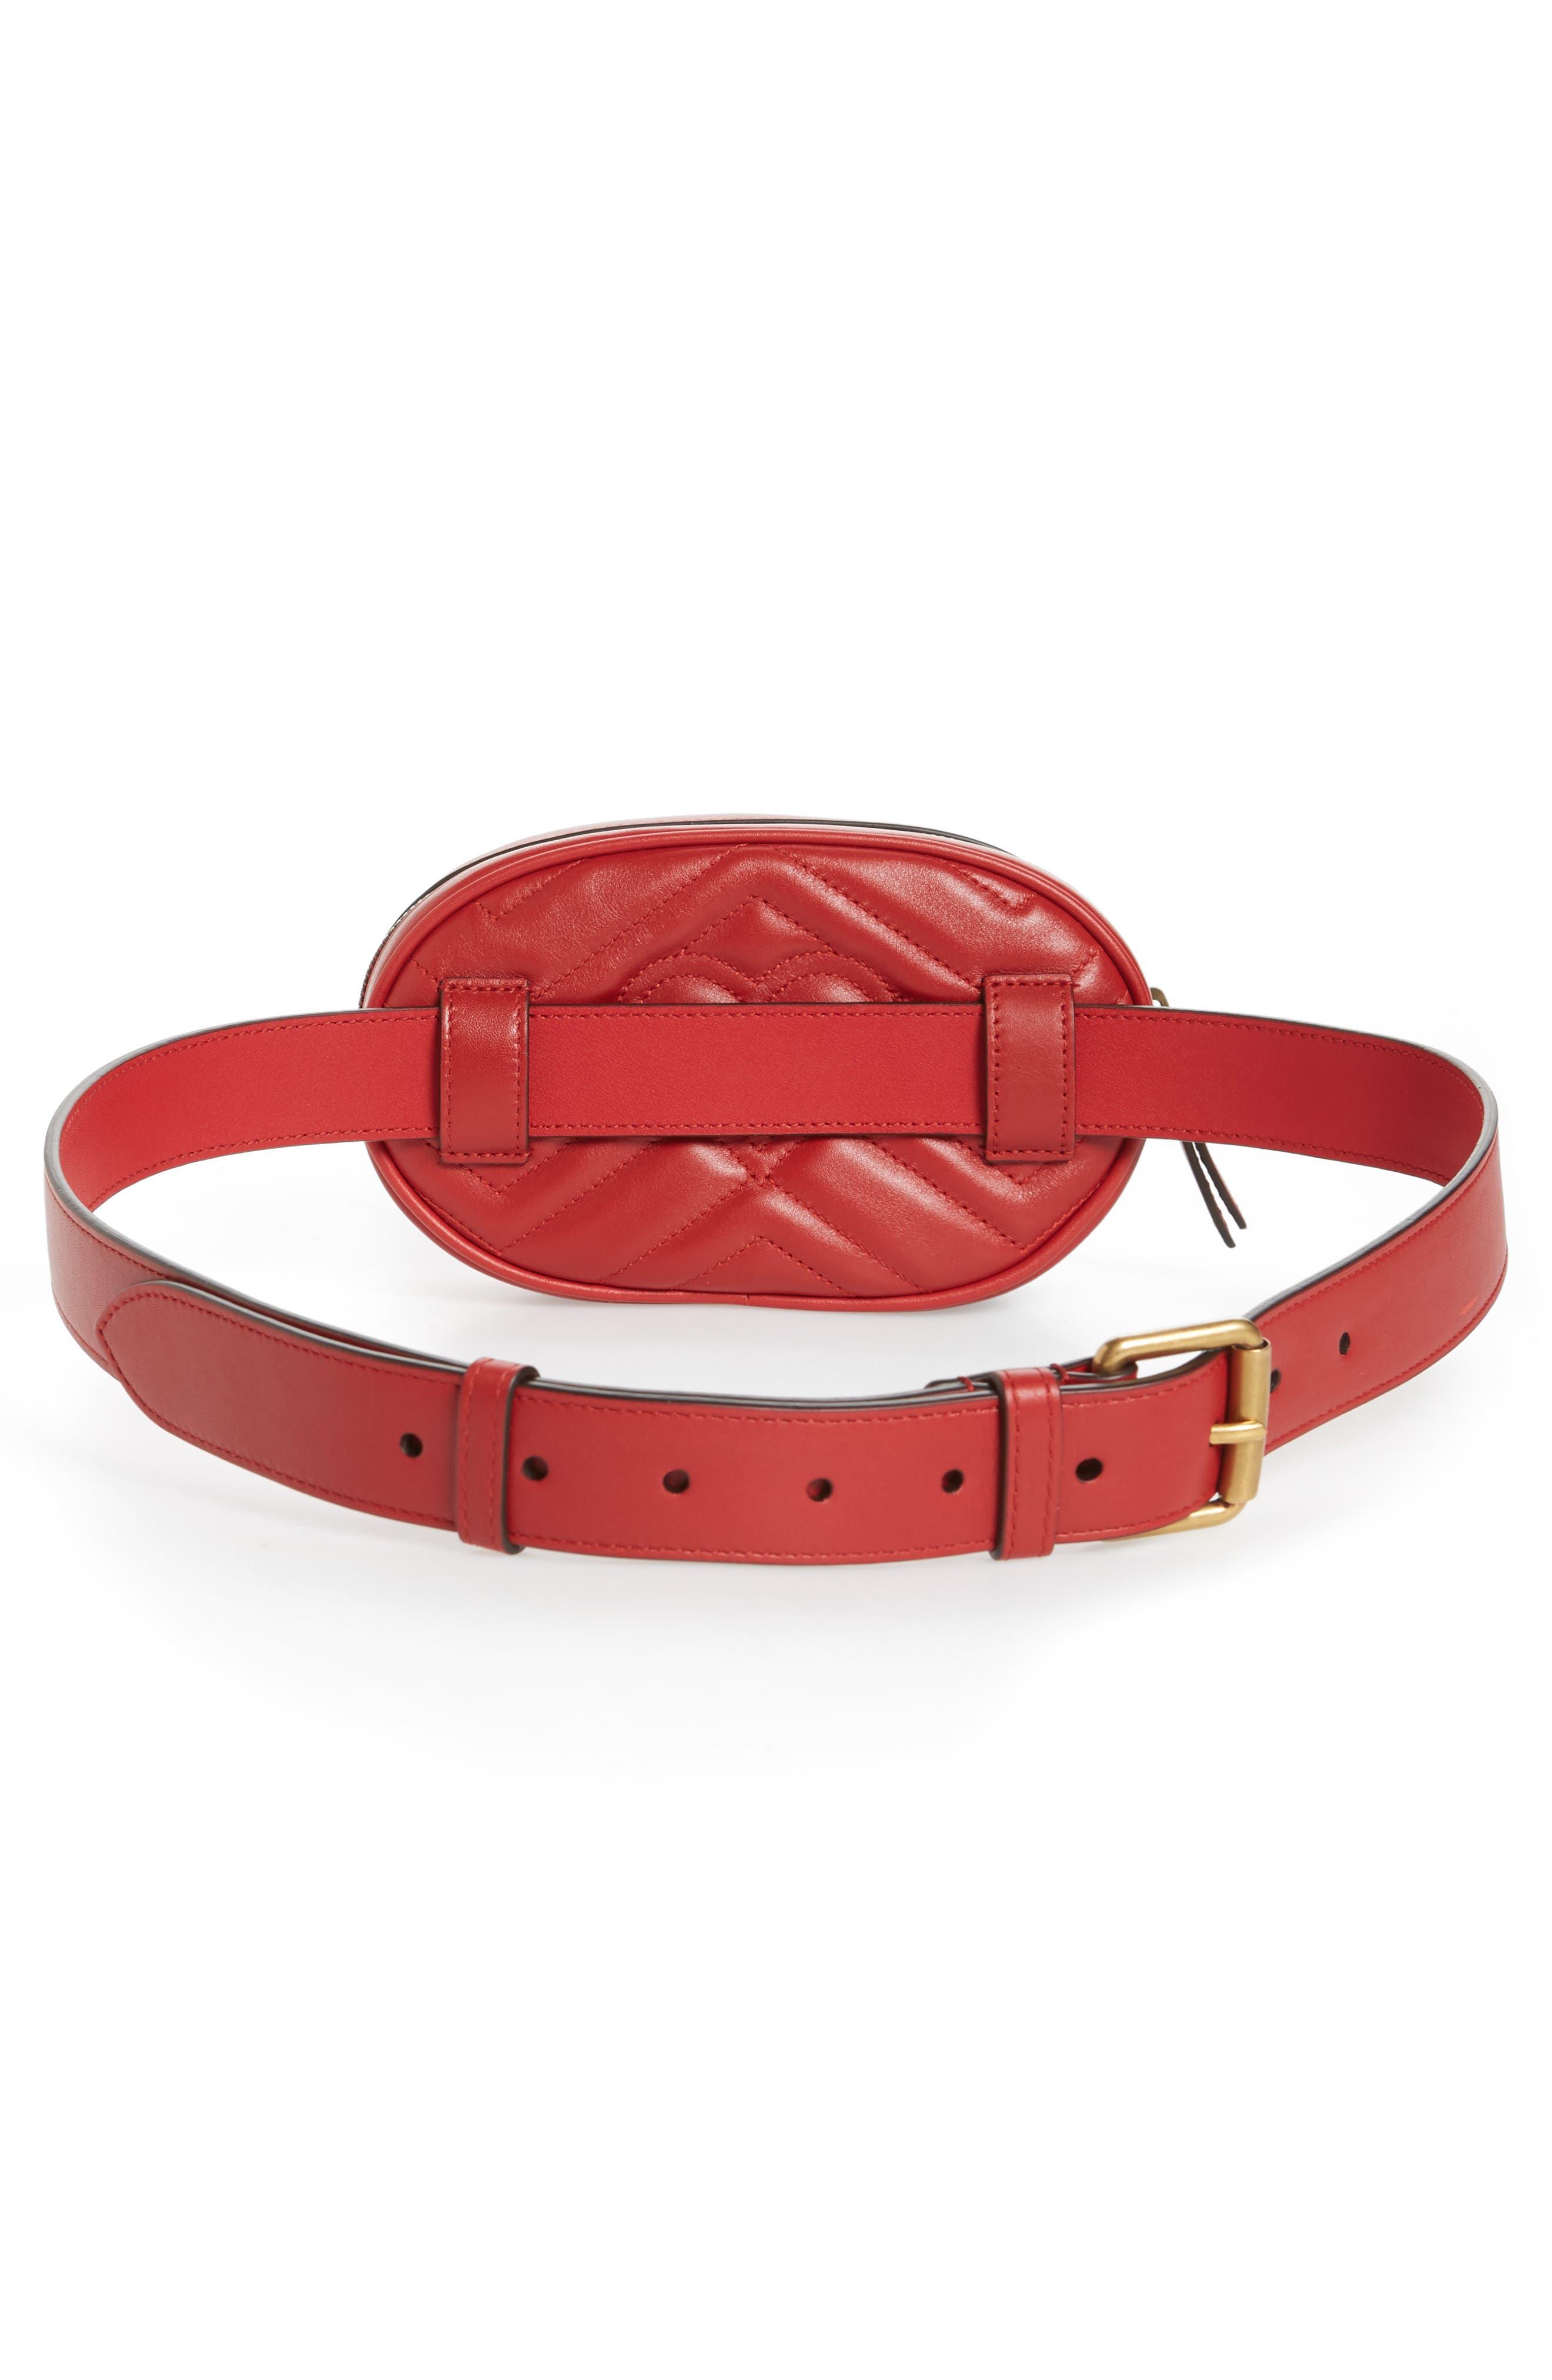 GG Marmont Matelassé Leather Belt Bag,                             Alternate thumbnail 4, color,                             625